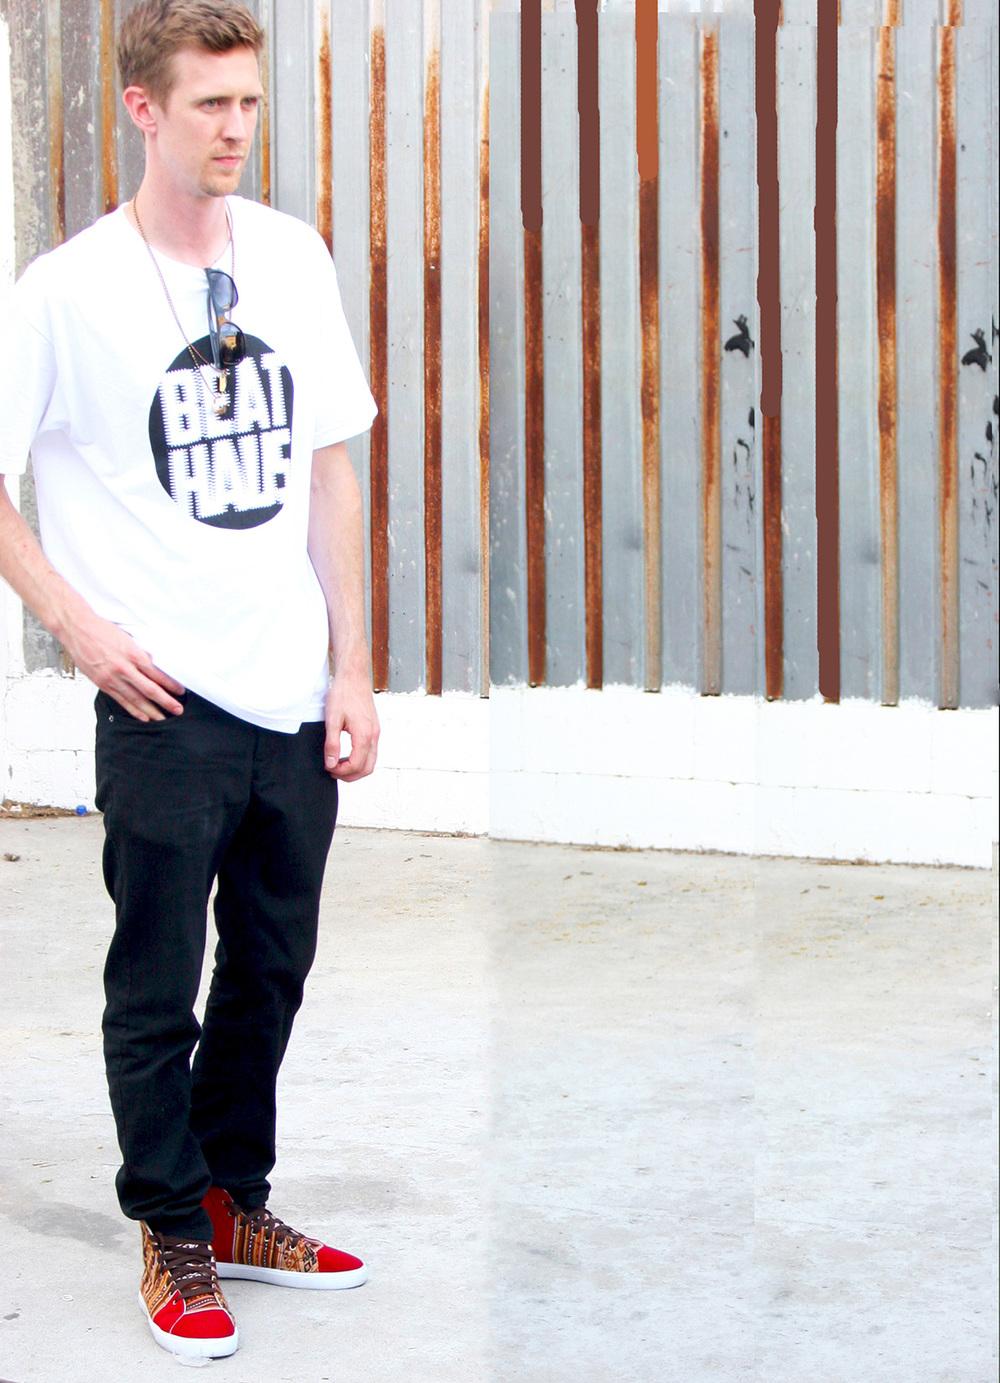 DJ Jester